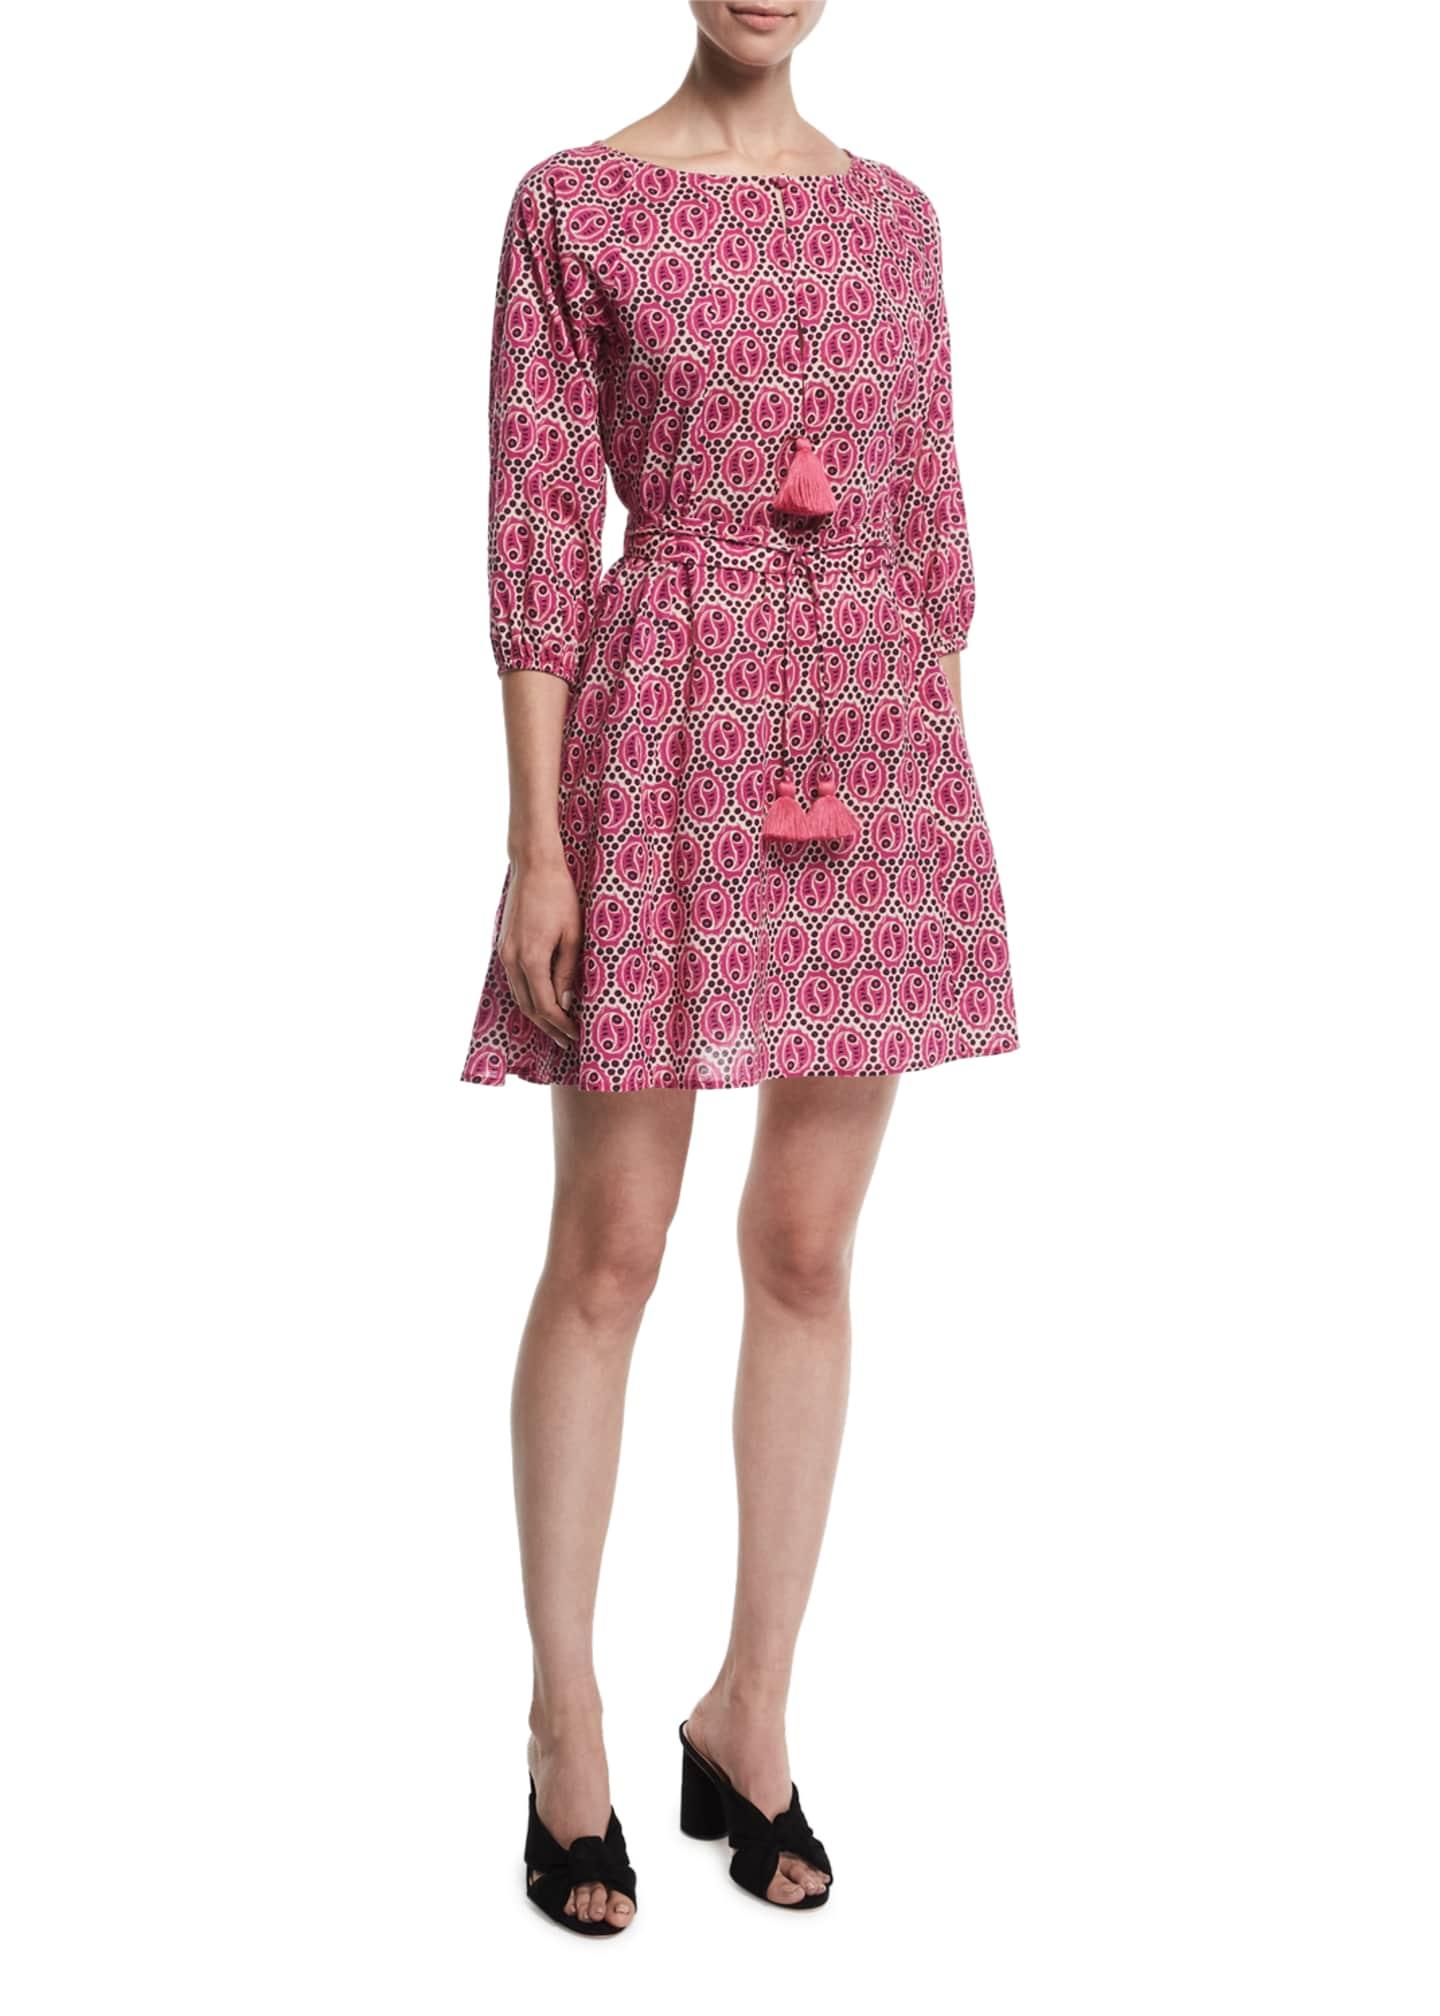 Figue Jules Medallion Print Tassel-Trim Dress